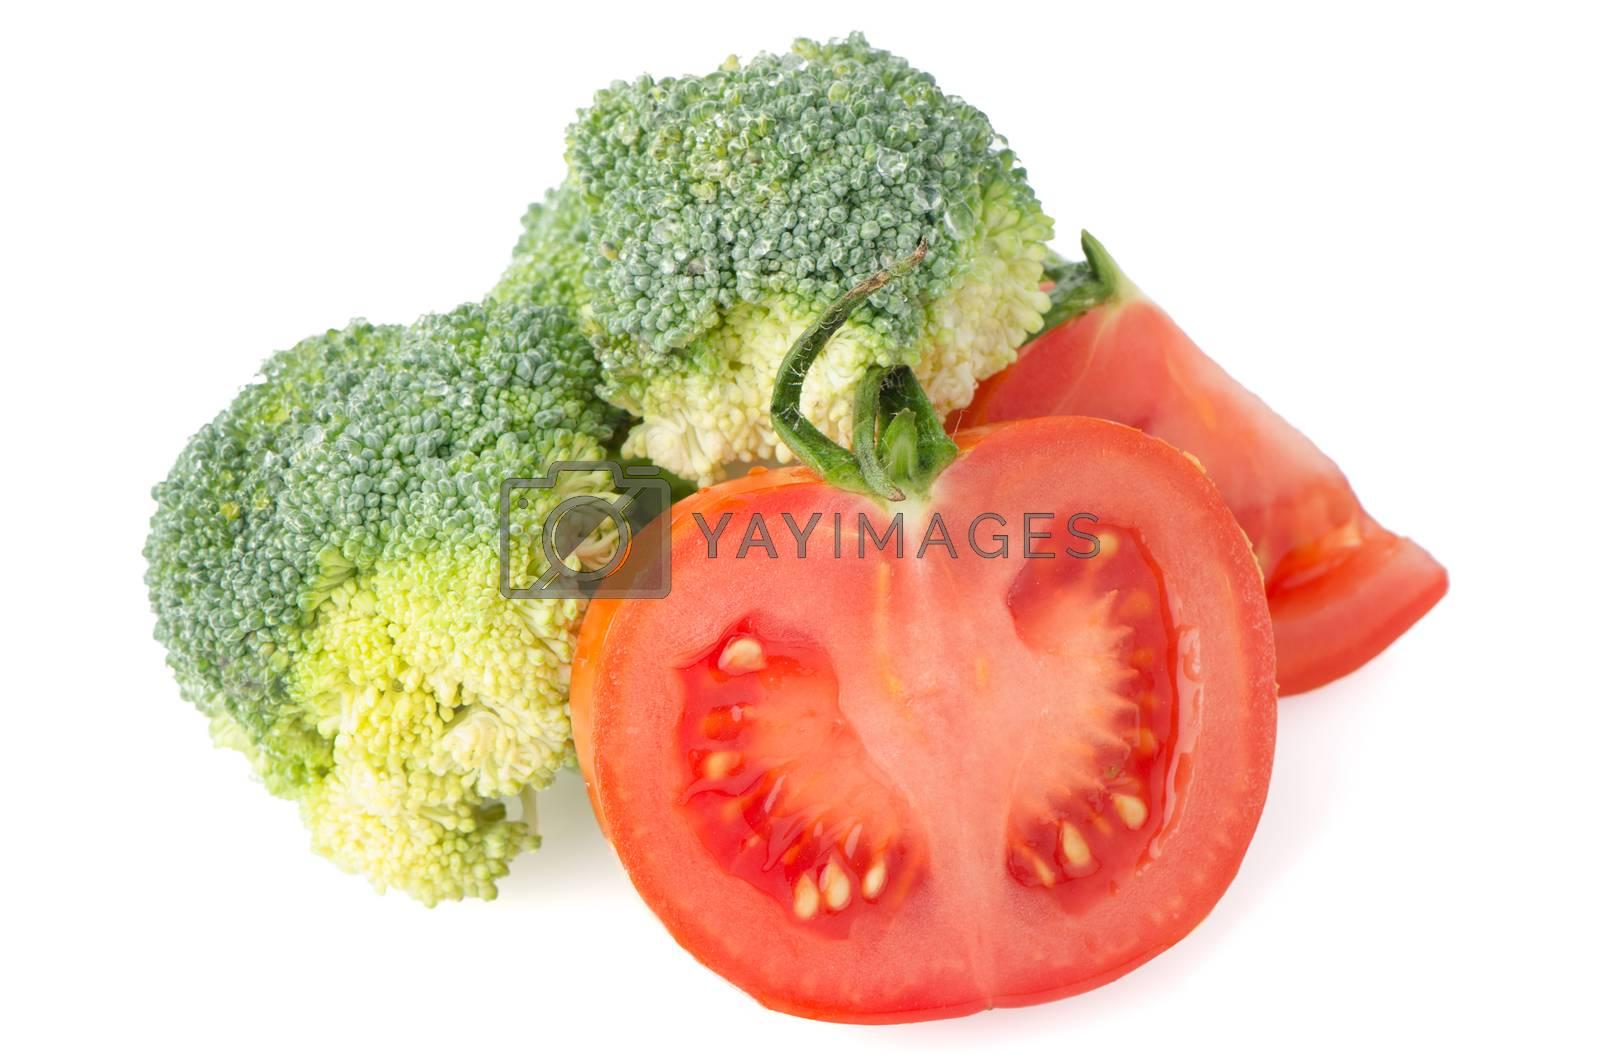 Royalty free image of Food ingredients by homydesign